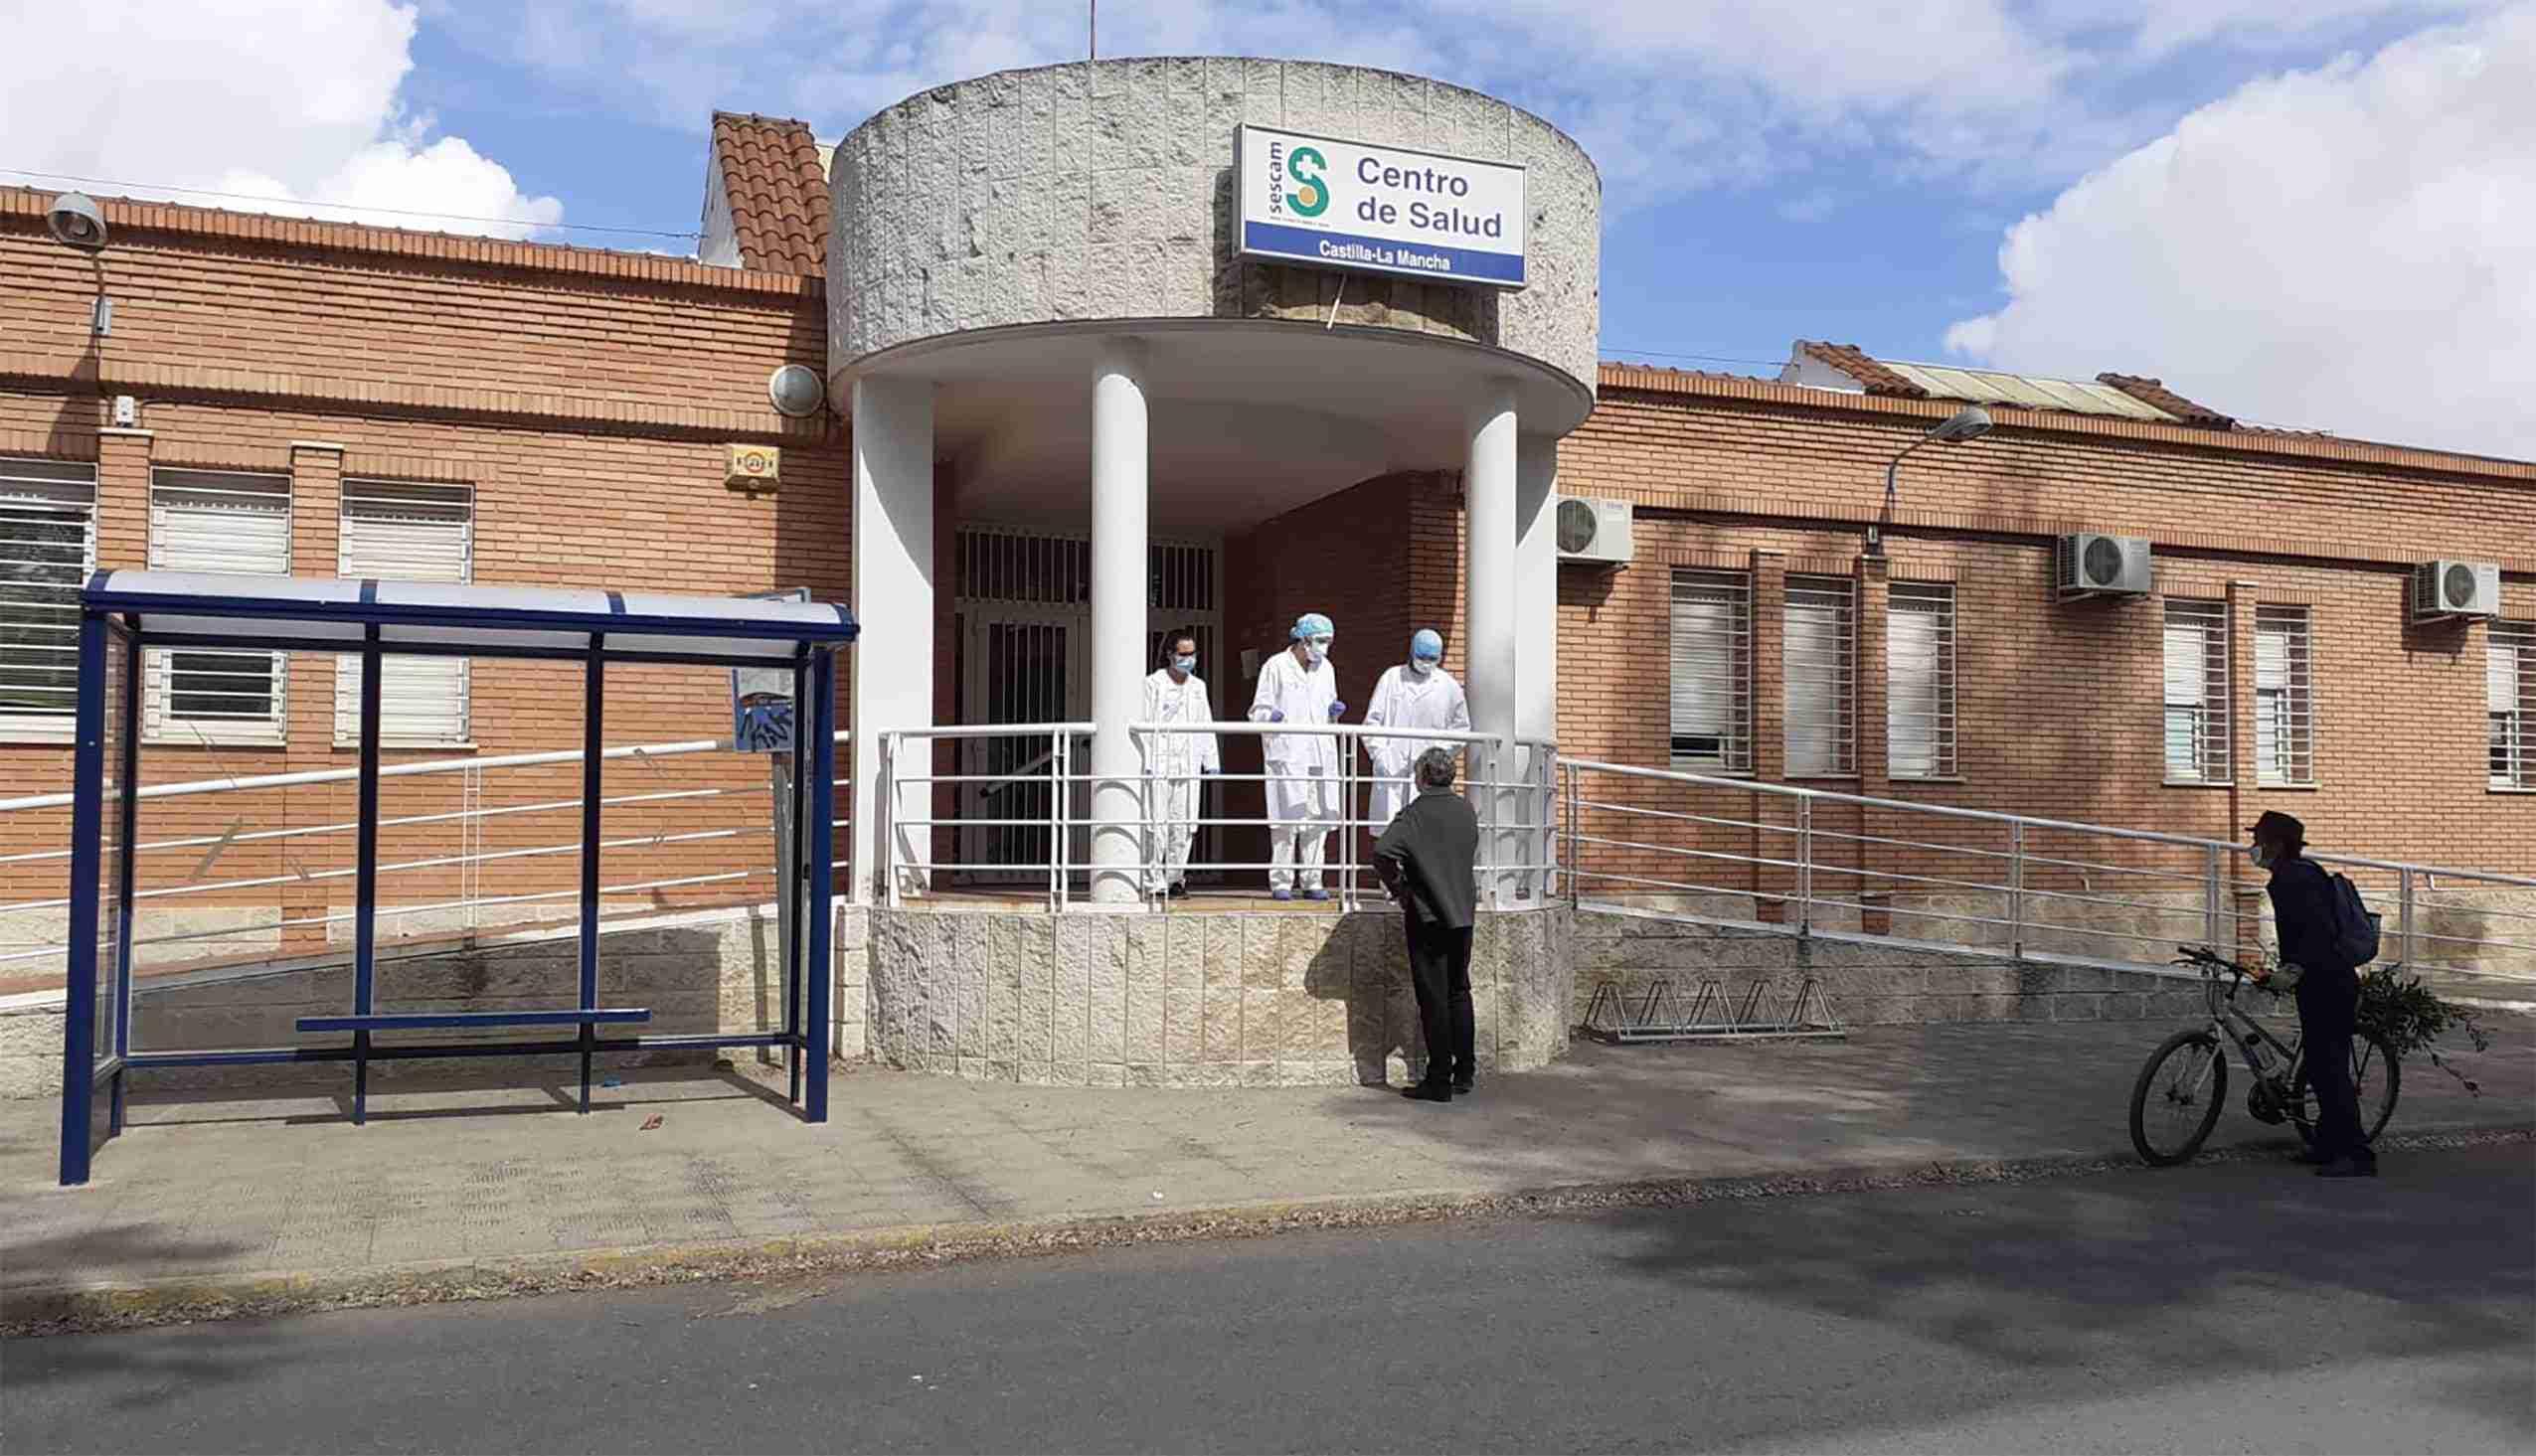 Centro de Salud Tomelloso 2 reabre hoy sus puertas para reforzar la atención sanitaria a los pacientes con coronavirus 5